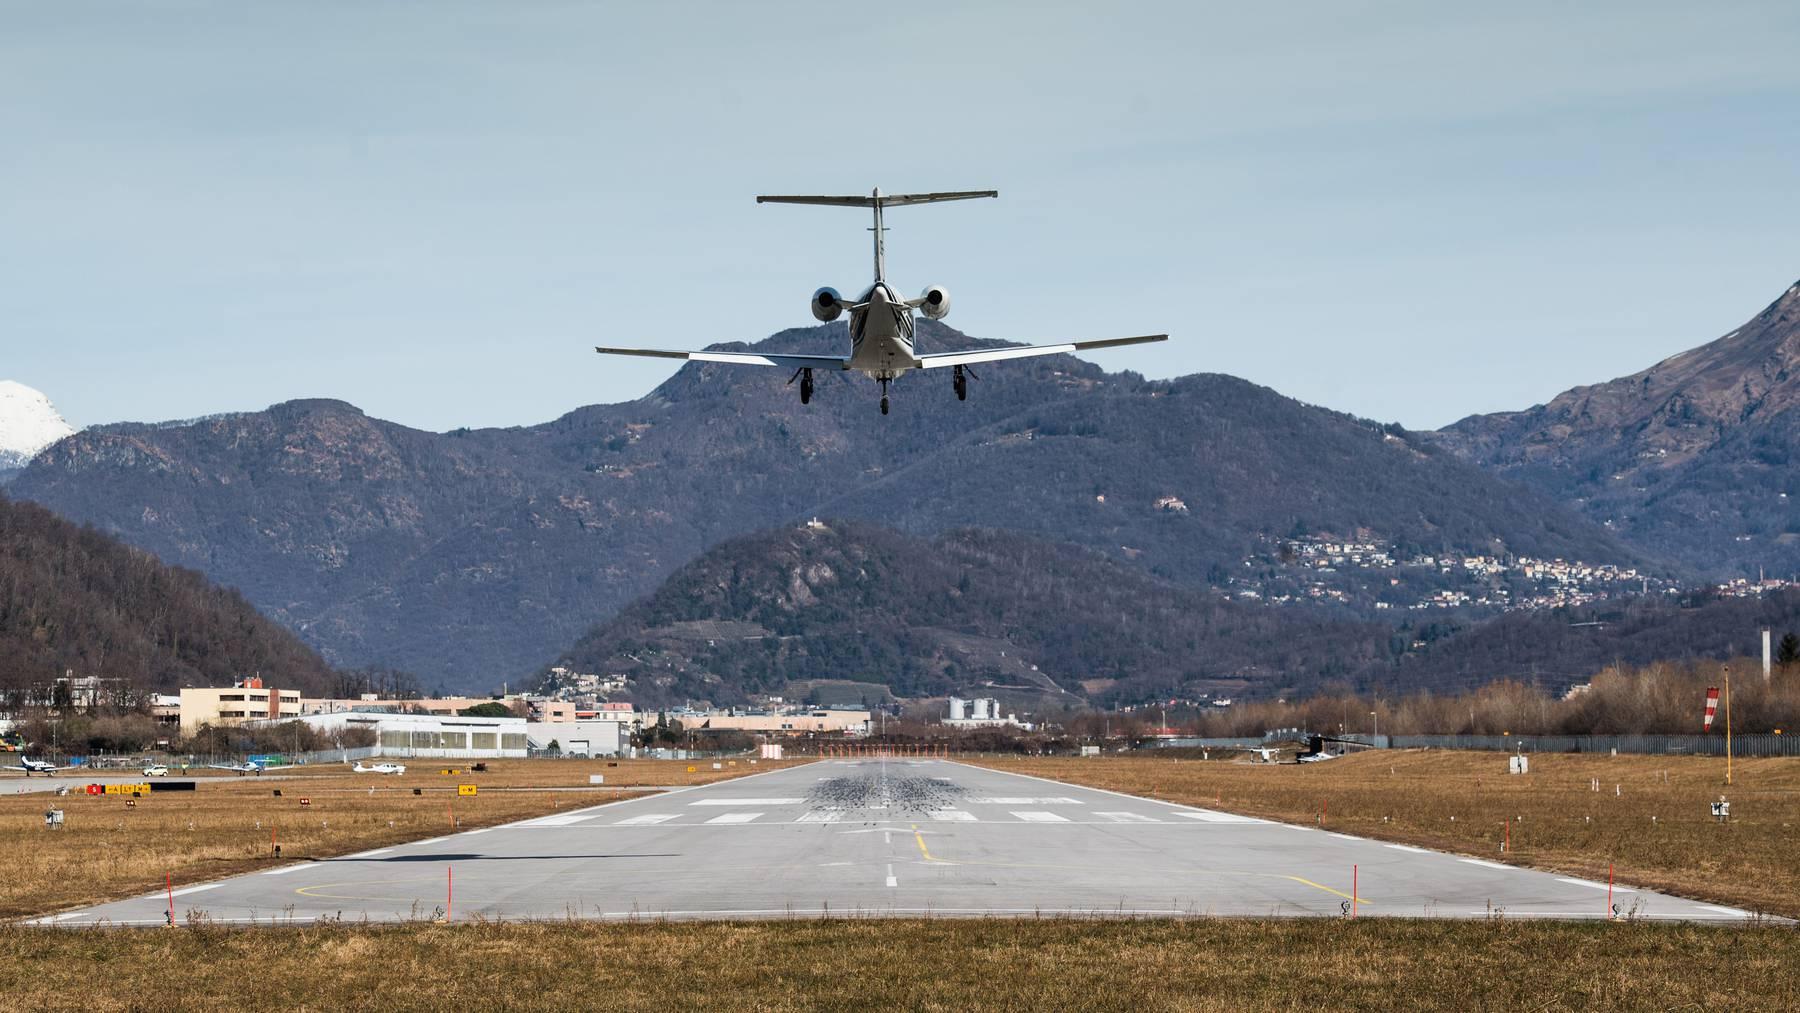 Lange Zeit war der Flughafen ein wichtiges Standbein der Crossair. Im April droht ihm das Aus – nun steigt die Stadt Lugano als Betreiberin ein.